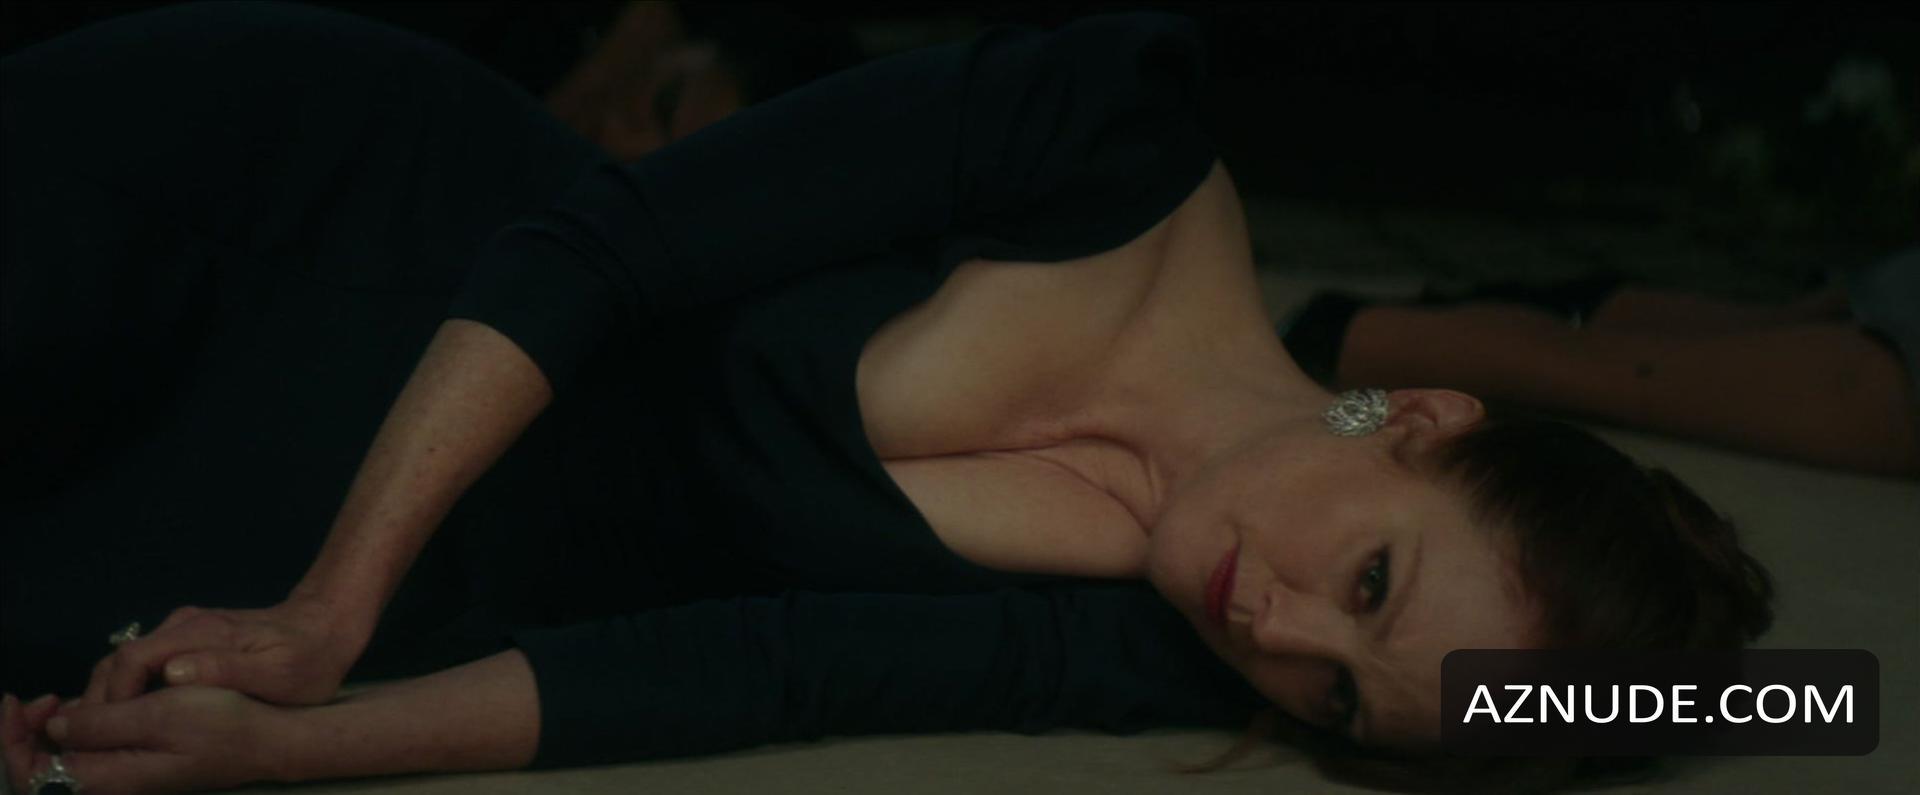 Julianne Moore Naked Movies